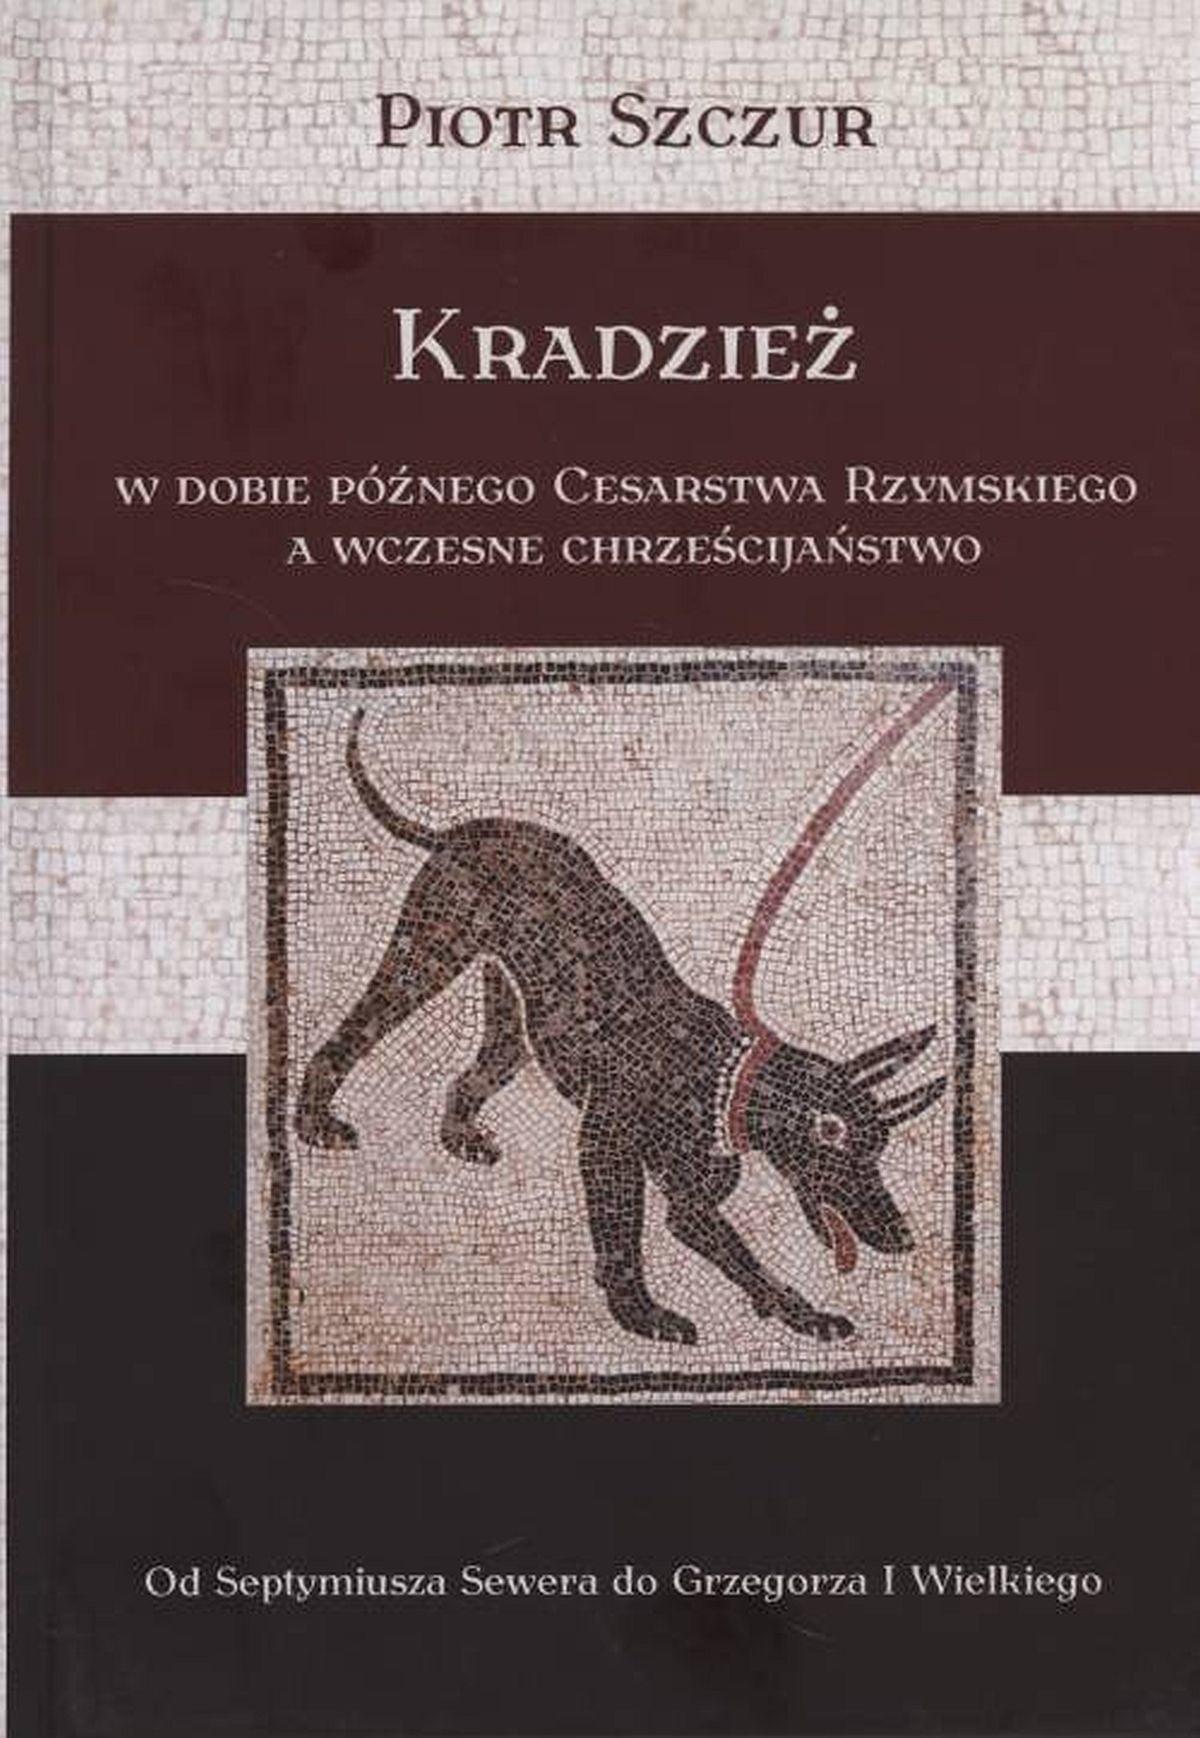 Kradzież w dobie późnego Cesarstwa Rzymskiego a wczesne chrześcijaństwo. Od Septymiusza Sewera do Grzegorza I Wielkiego